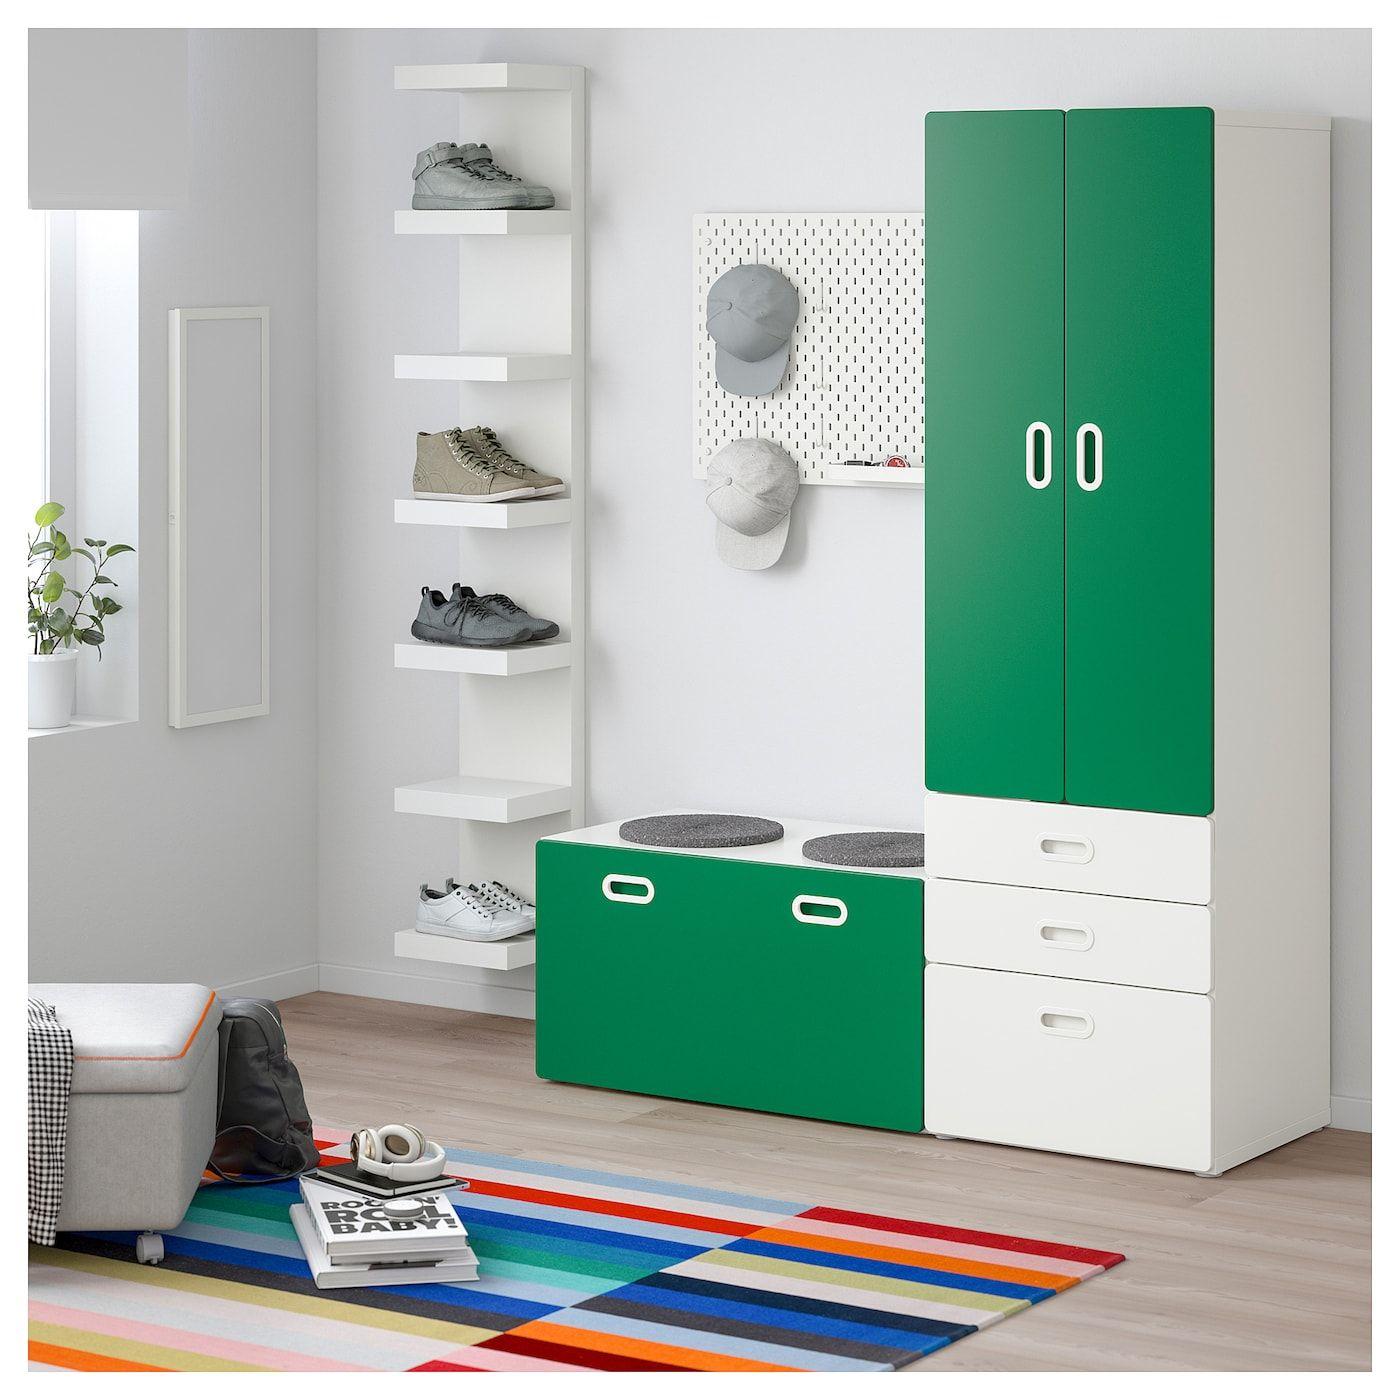 STUVA / FRITIDS Schrank mit Banktruhe weiß, grün in 2020